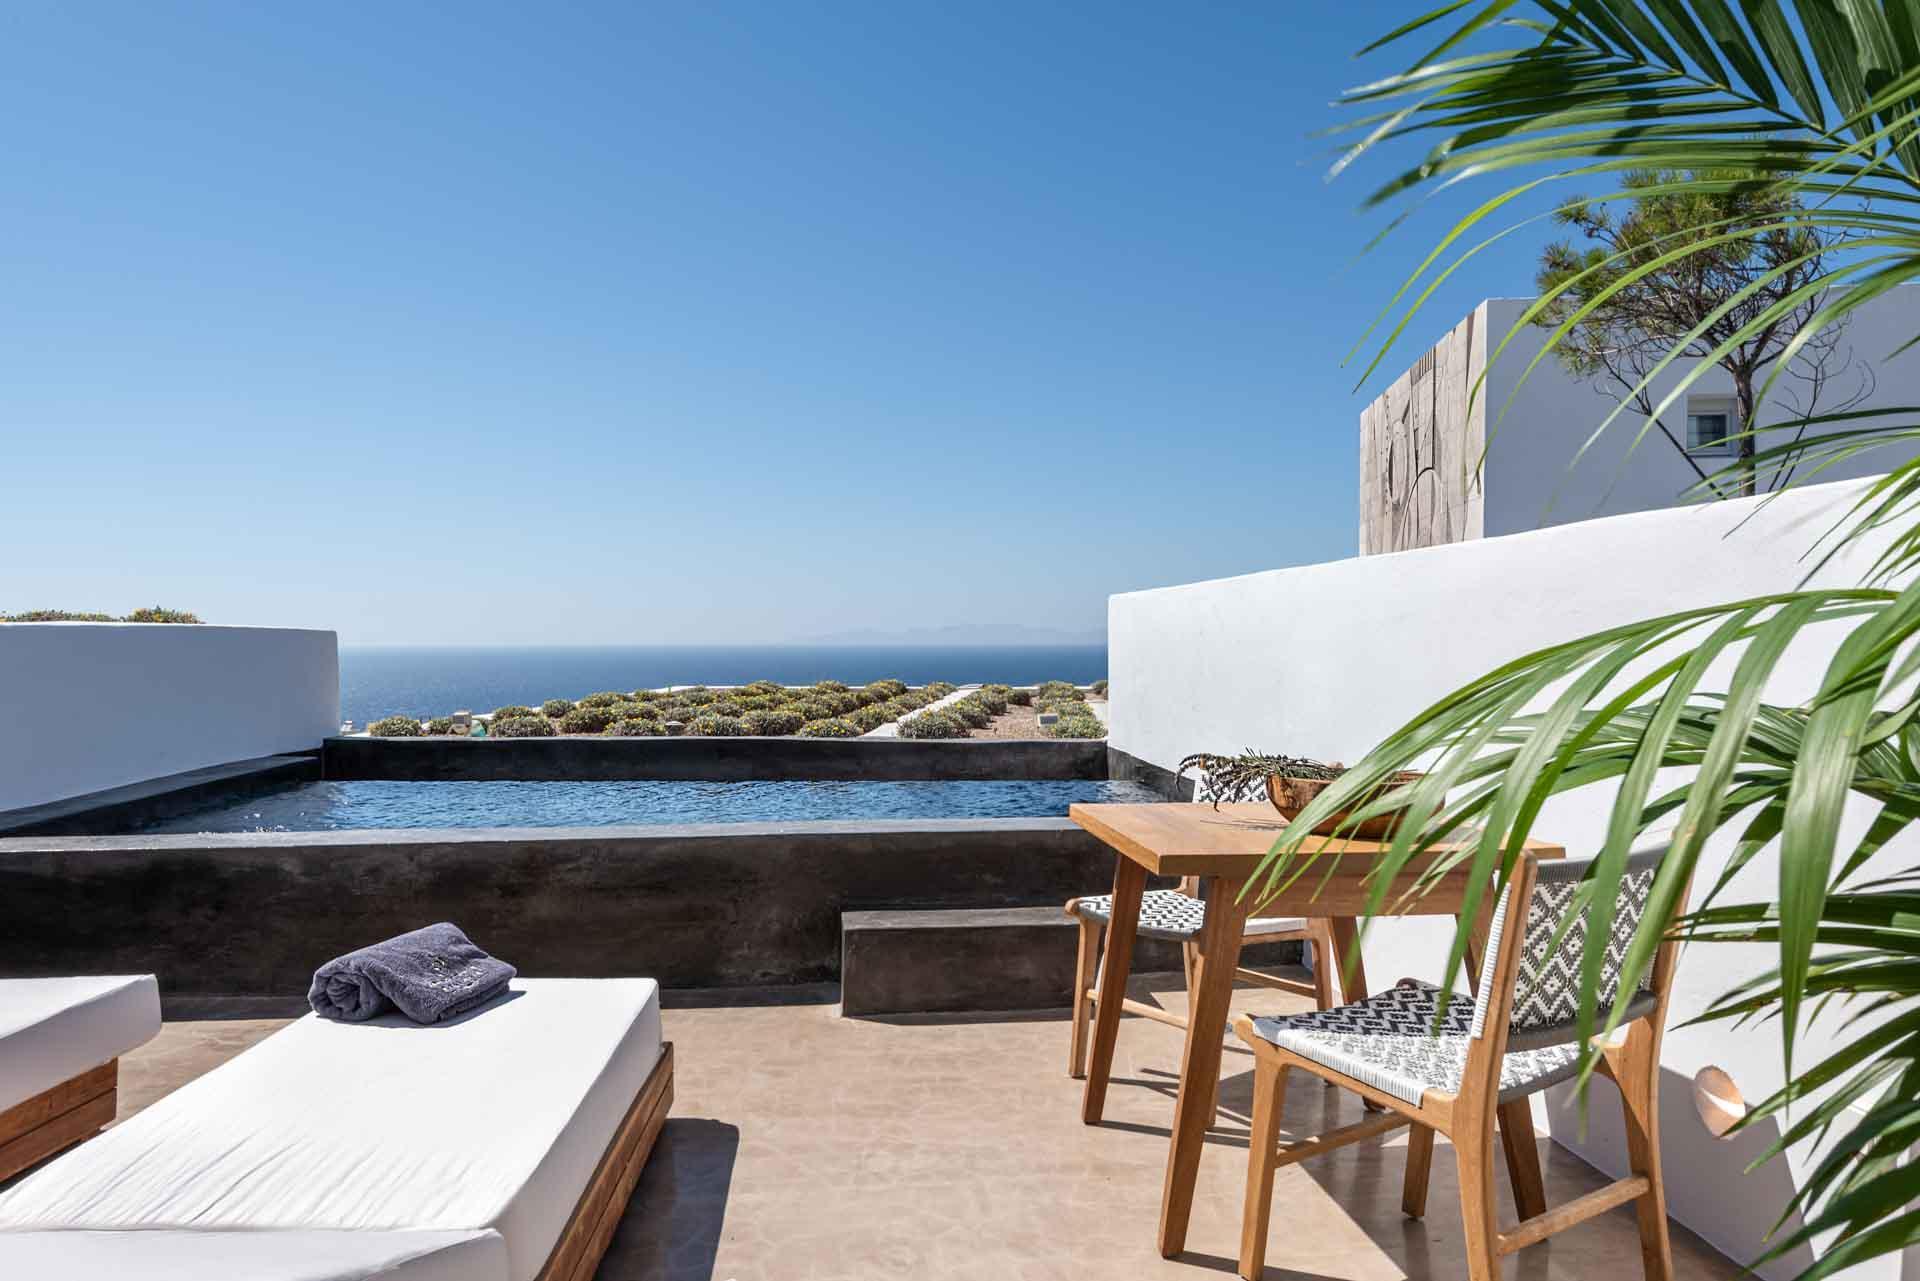 Pourquoi ne pas prendre son petit-déjeuner sur la terrasse de sa suite ? © Andronis Arcadia